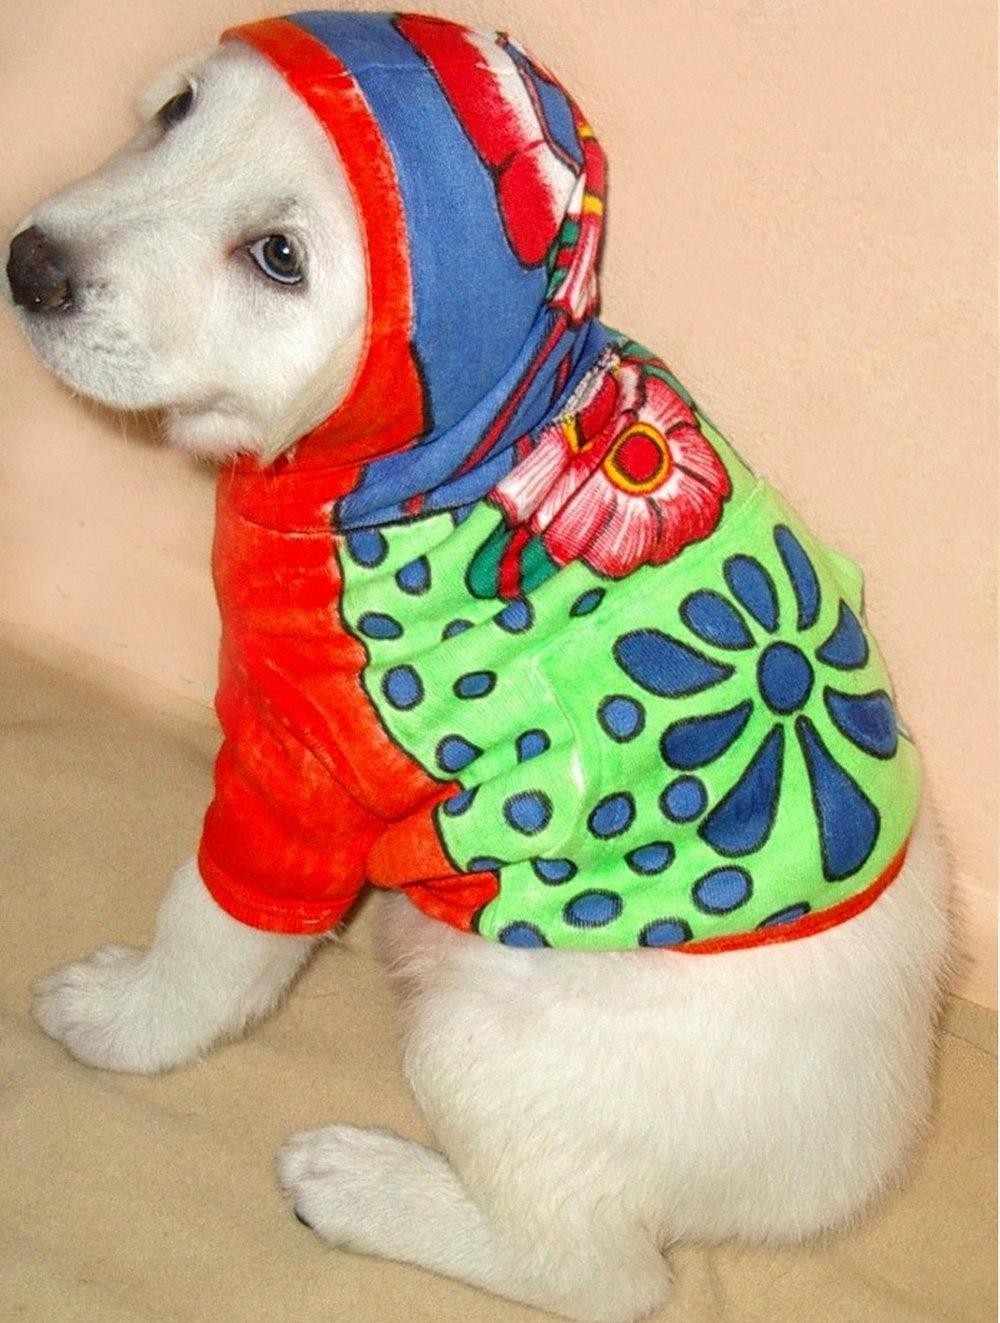 TJ-Dog-hoodie.jpg